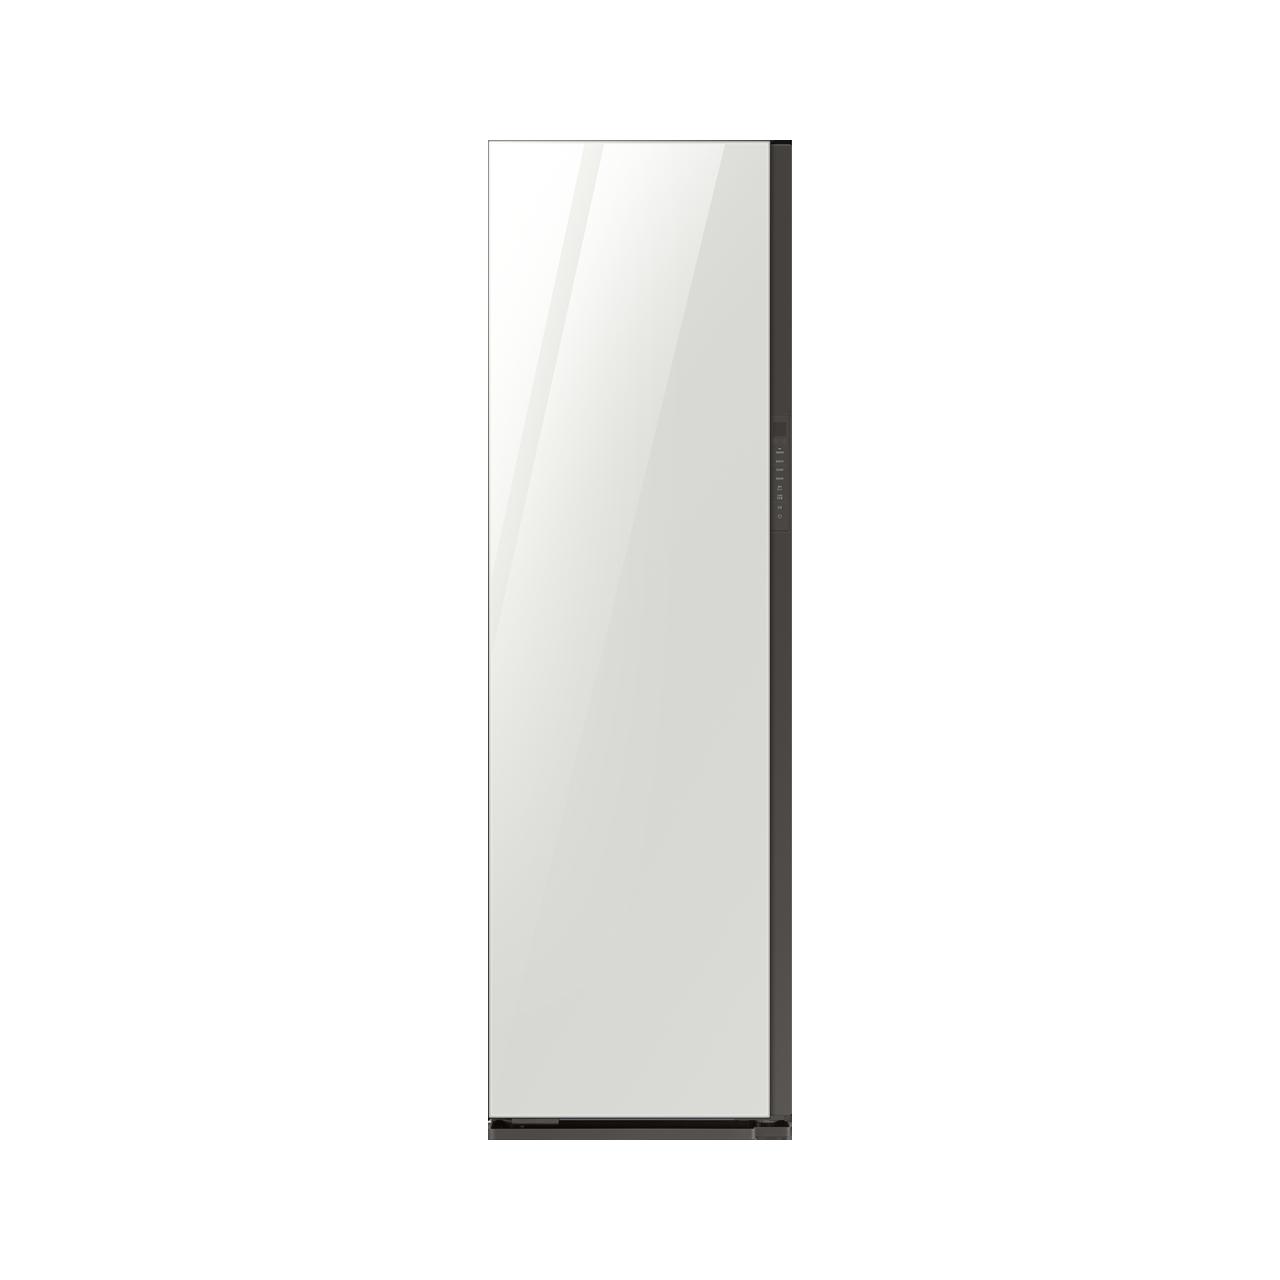 [Basic] 삼성 BESPOKE 에어드레서(5벌)